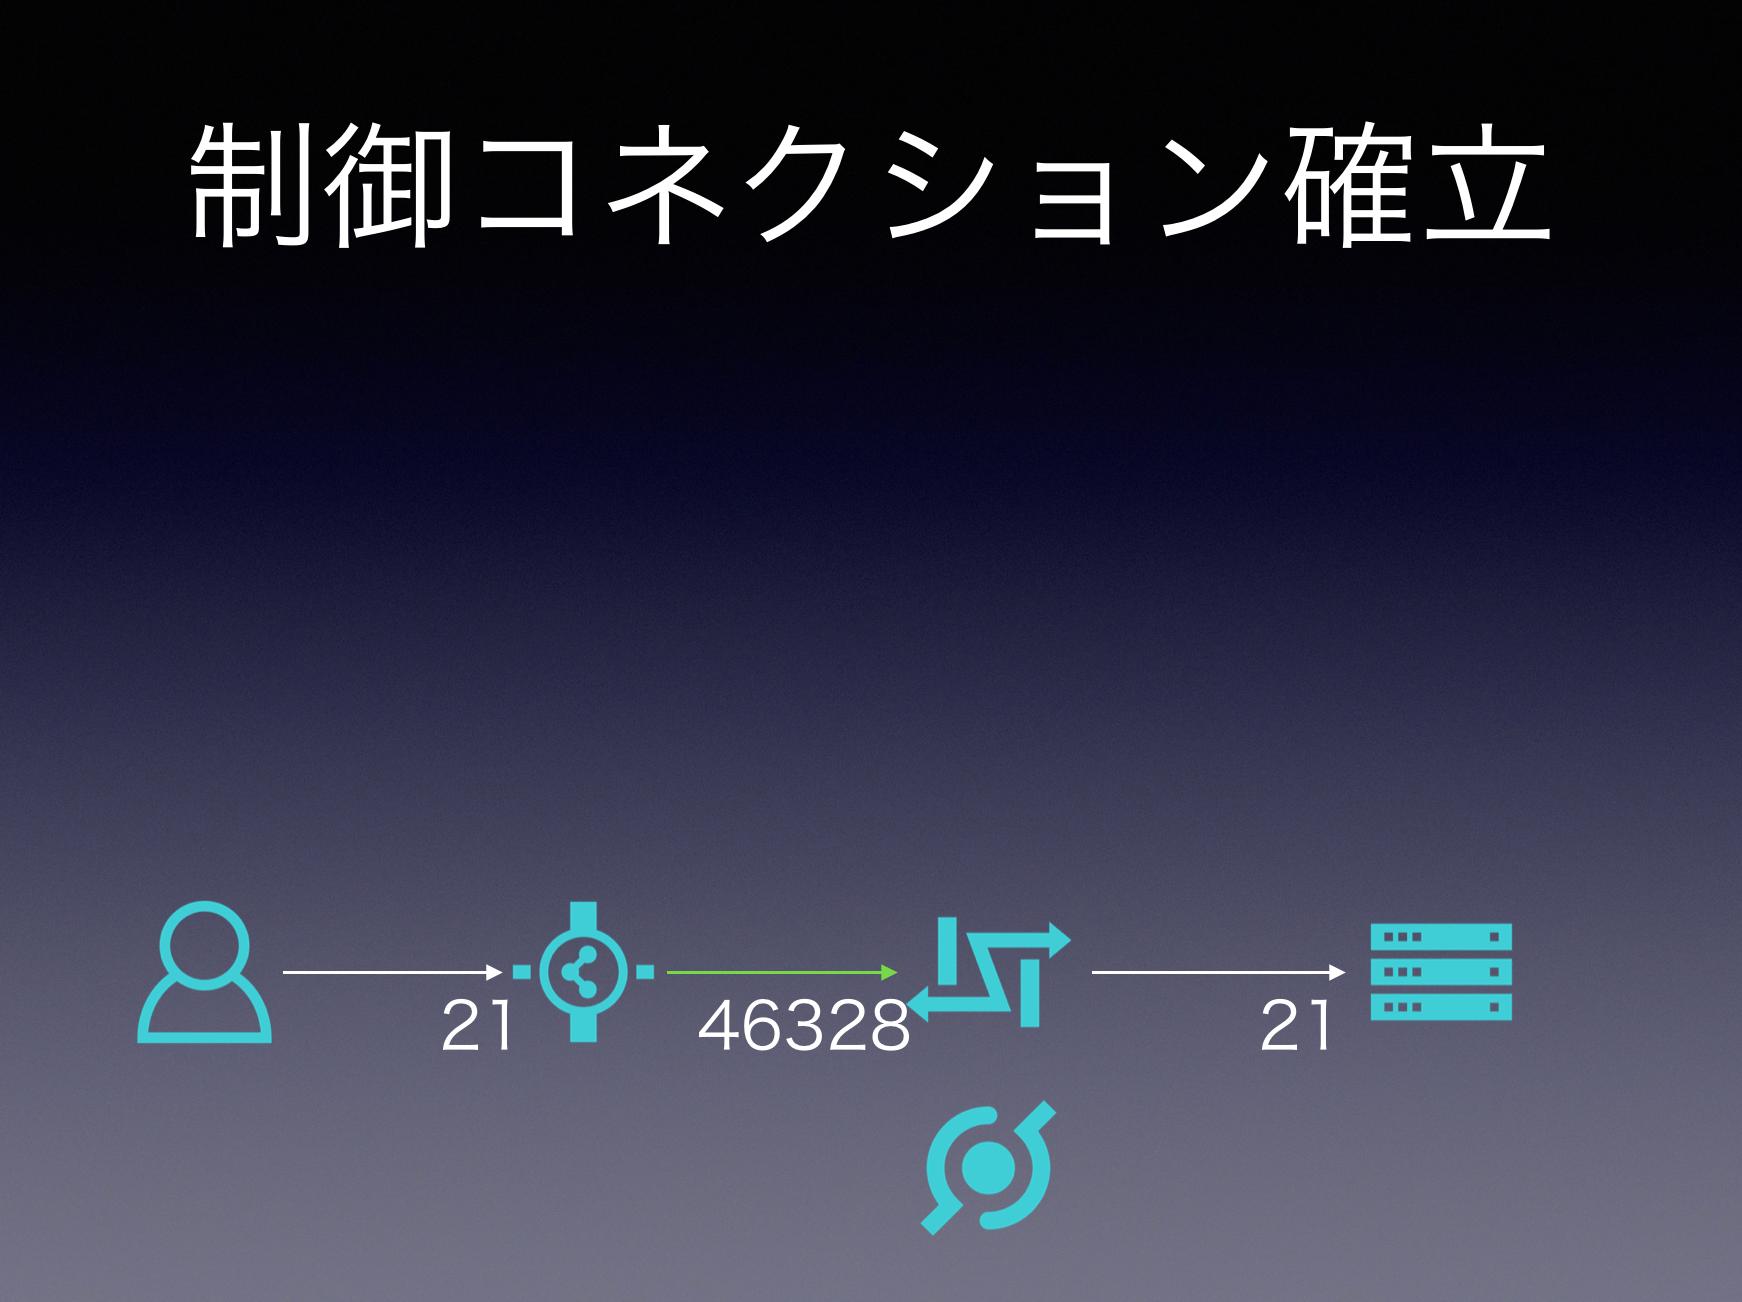 スクリーンショット 2019-12-07 22.32.32.png